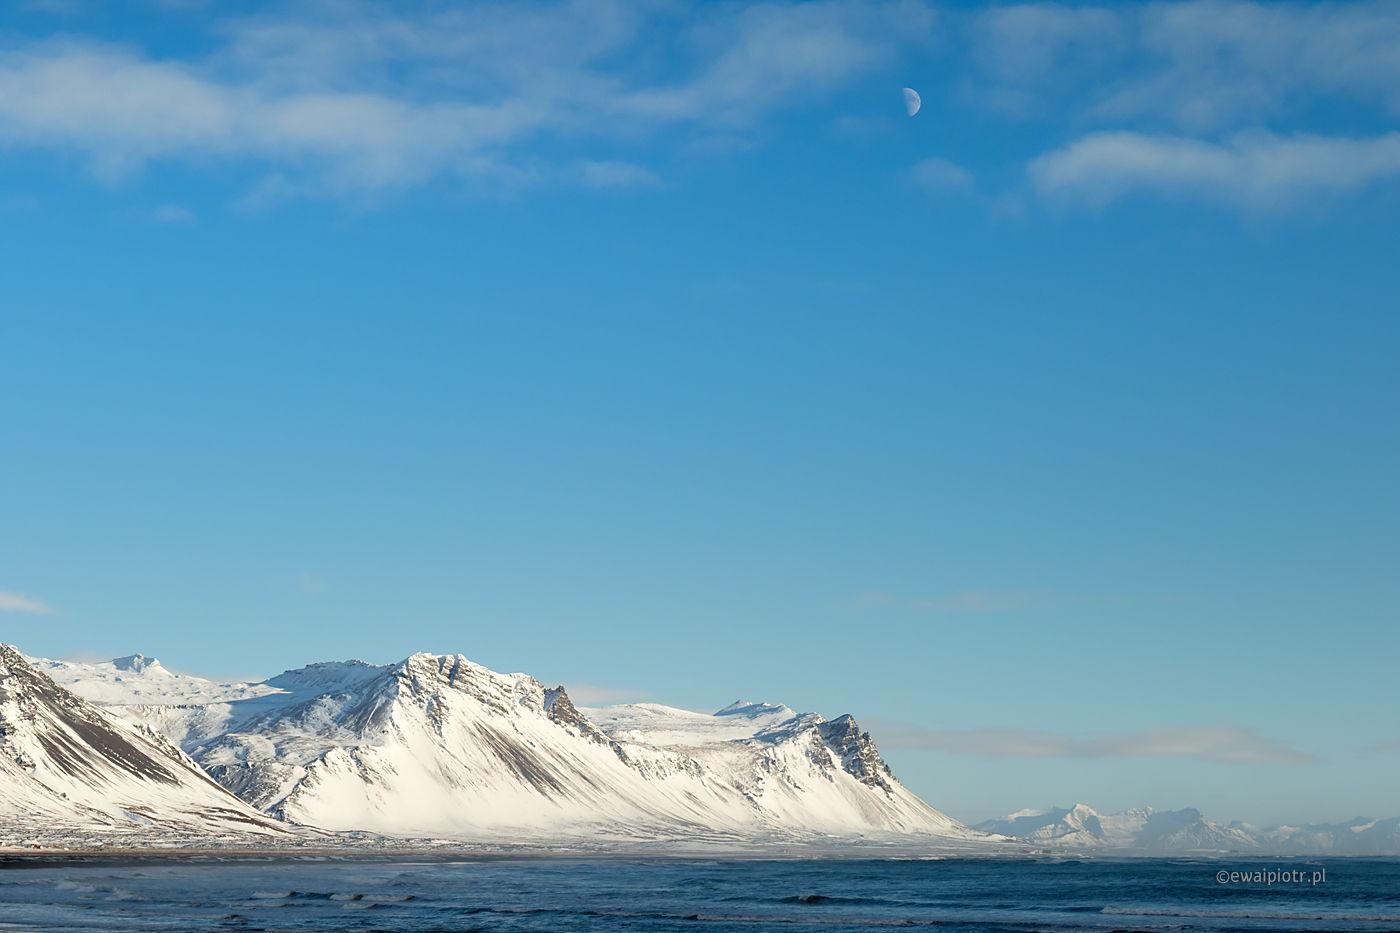 Zimowe wybrzeże i księżyc, Islandia, krajobraz, wyprawa foto